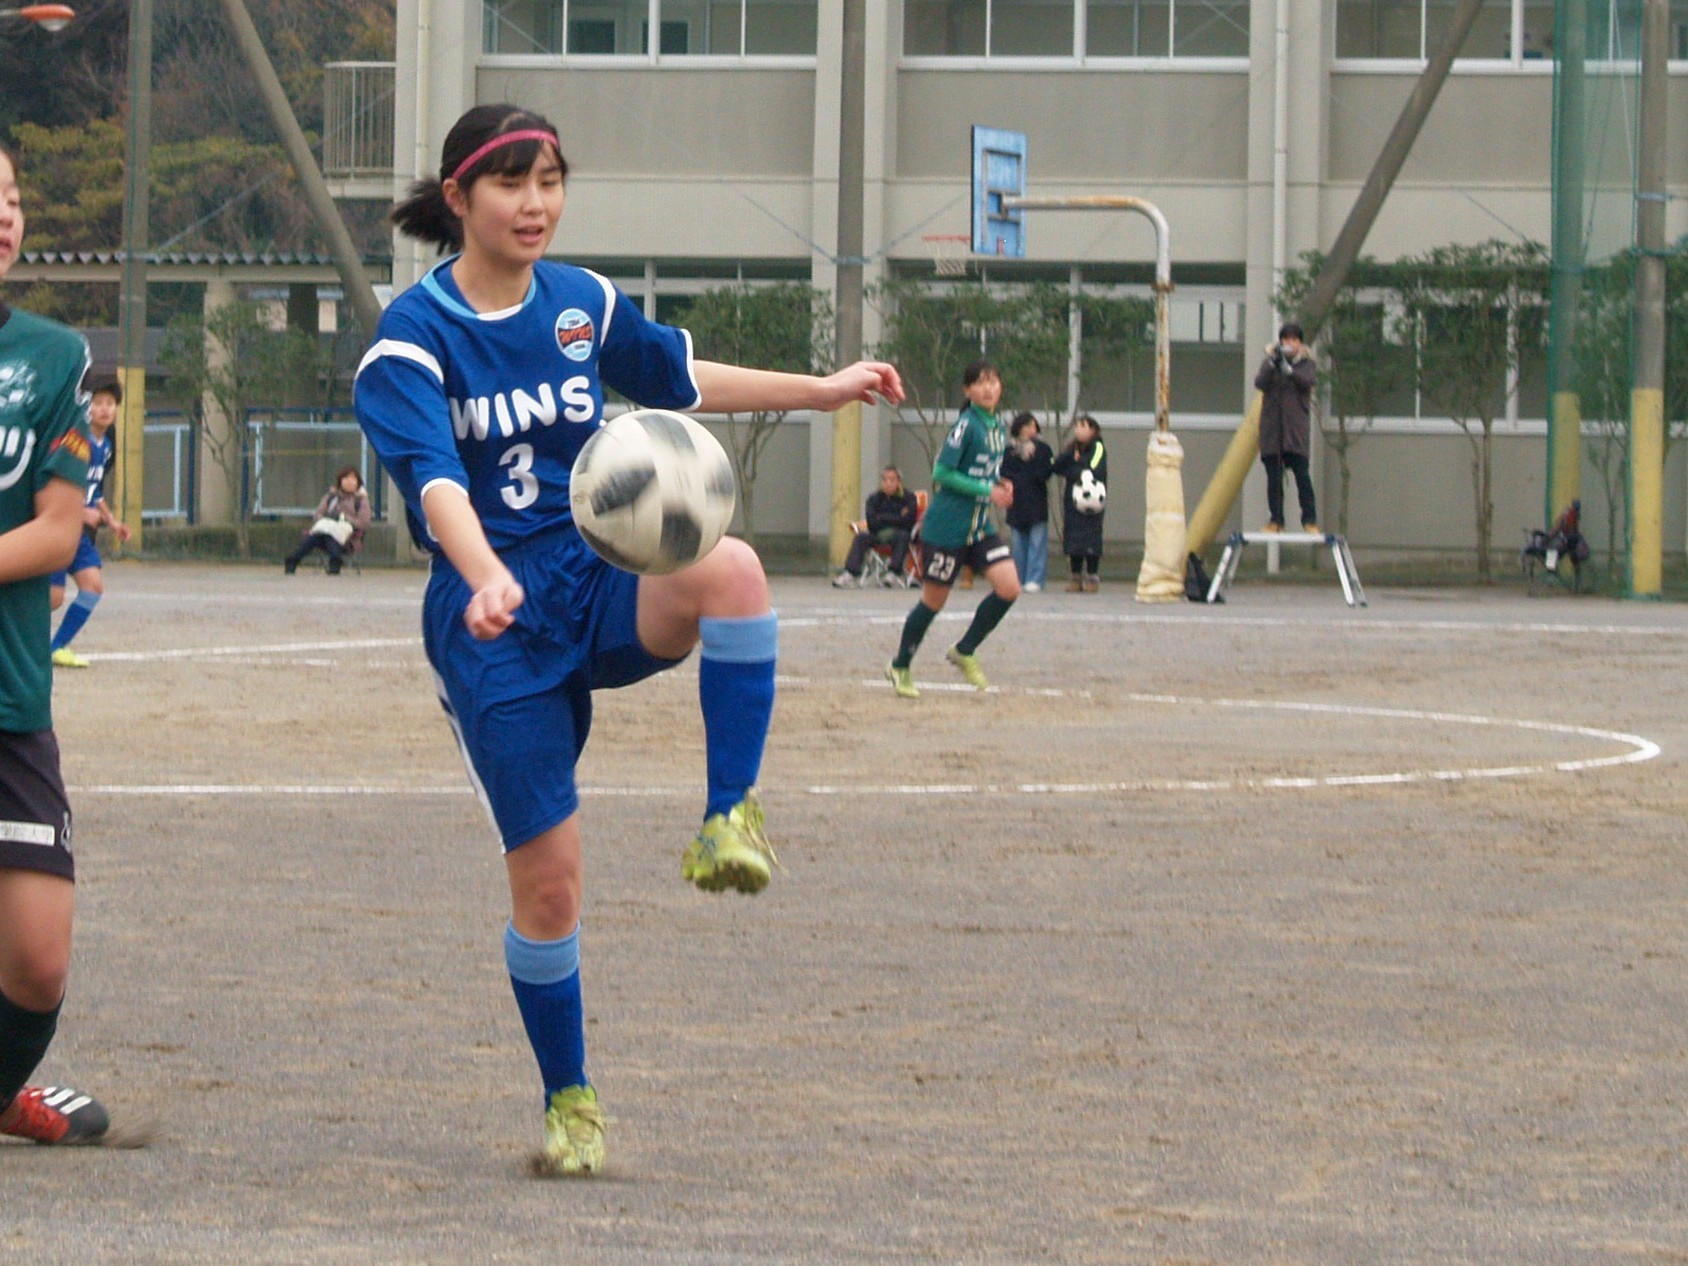 県女子サッカーリーグ 第9節(最終節)_f0375011_23131356.jpg